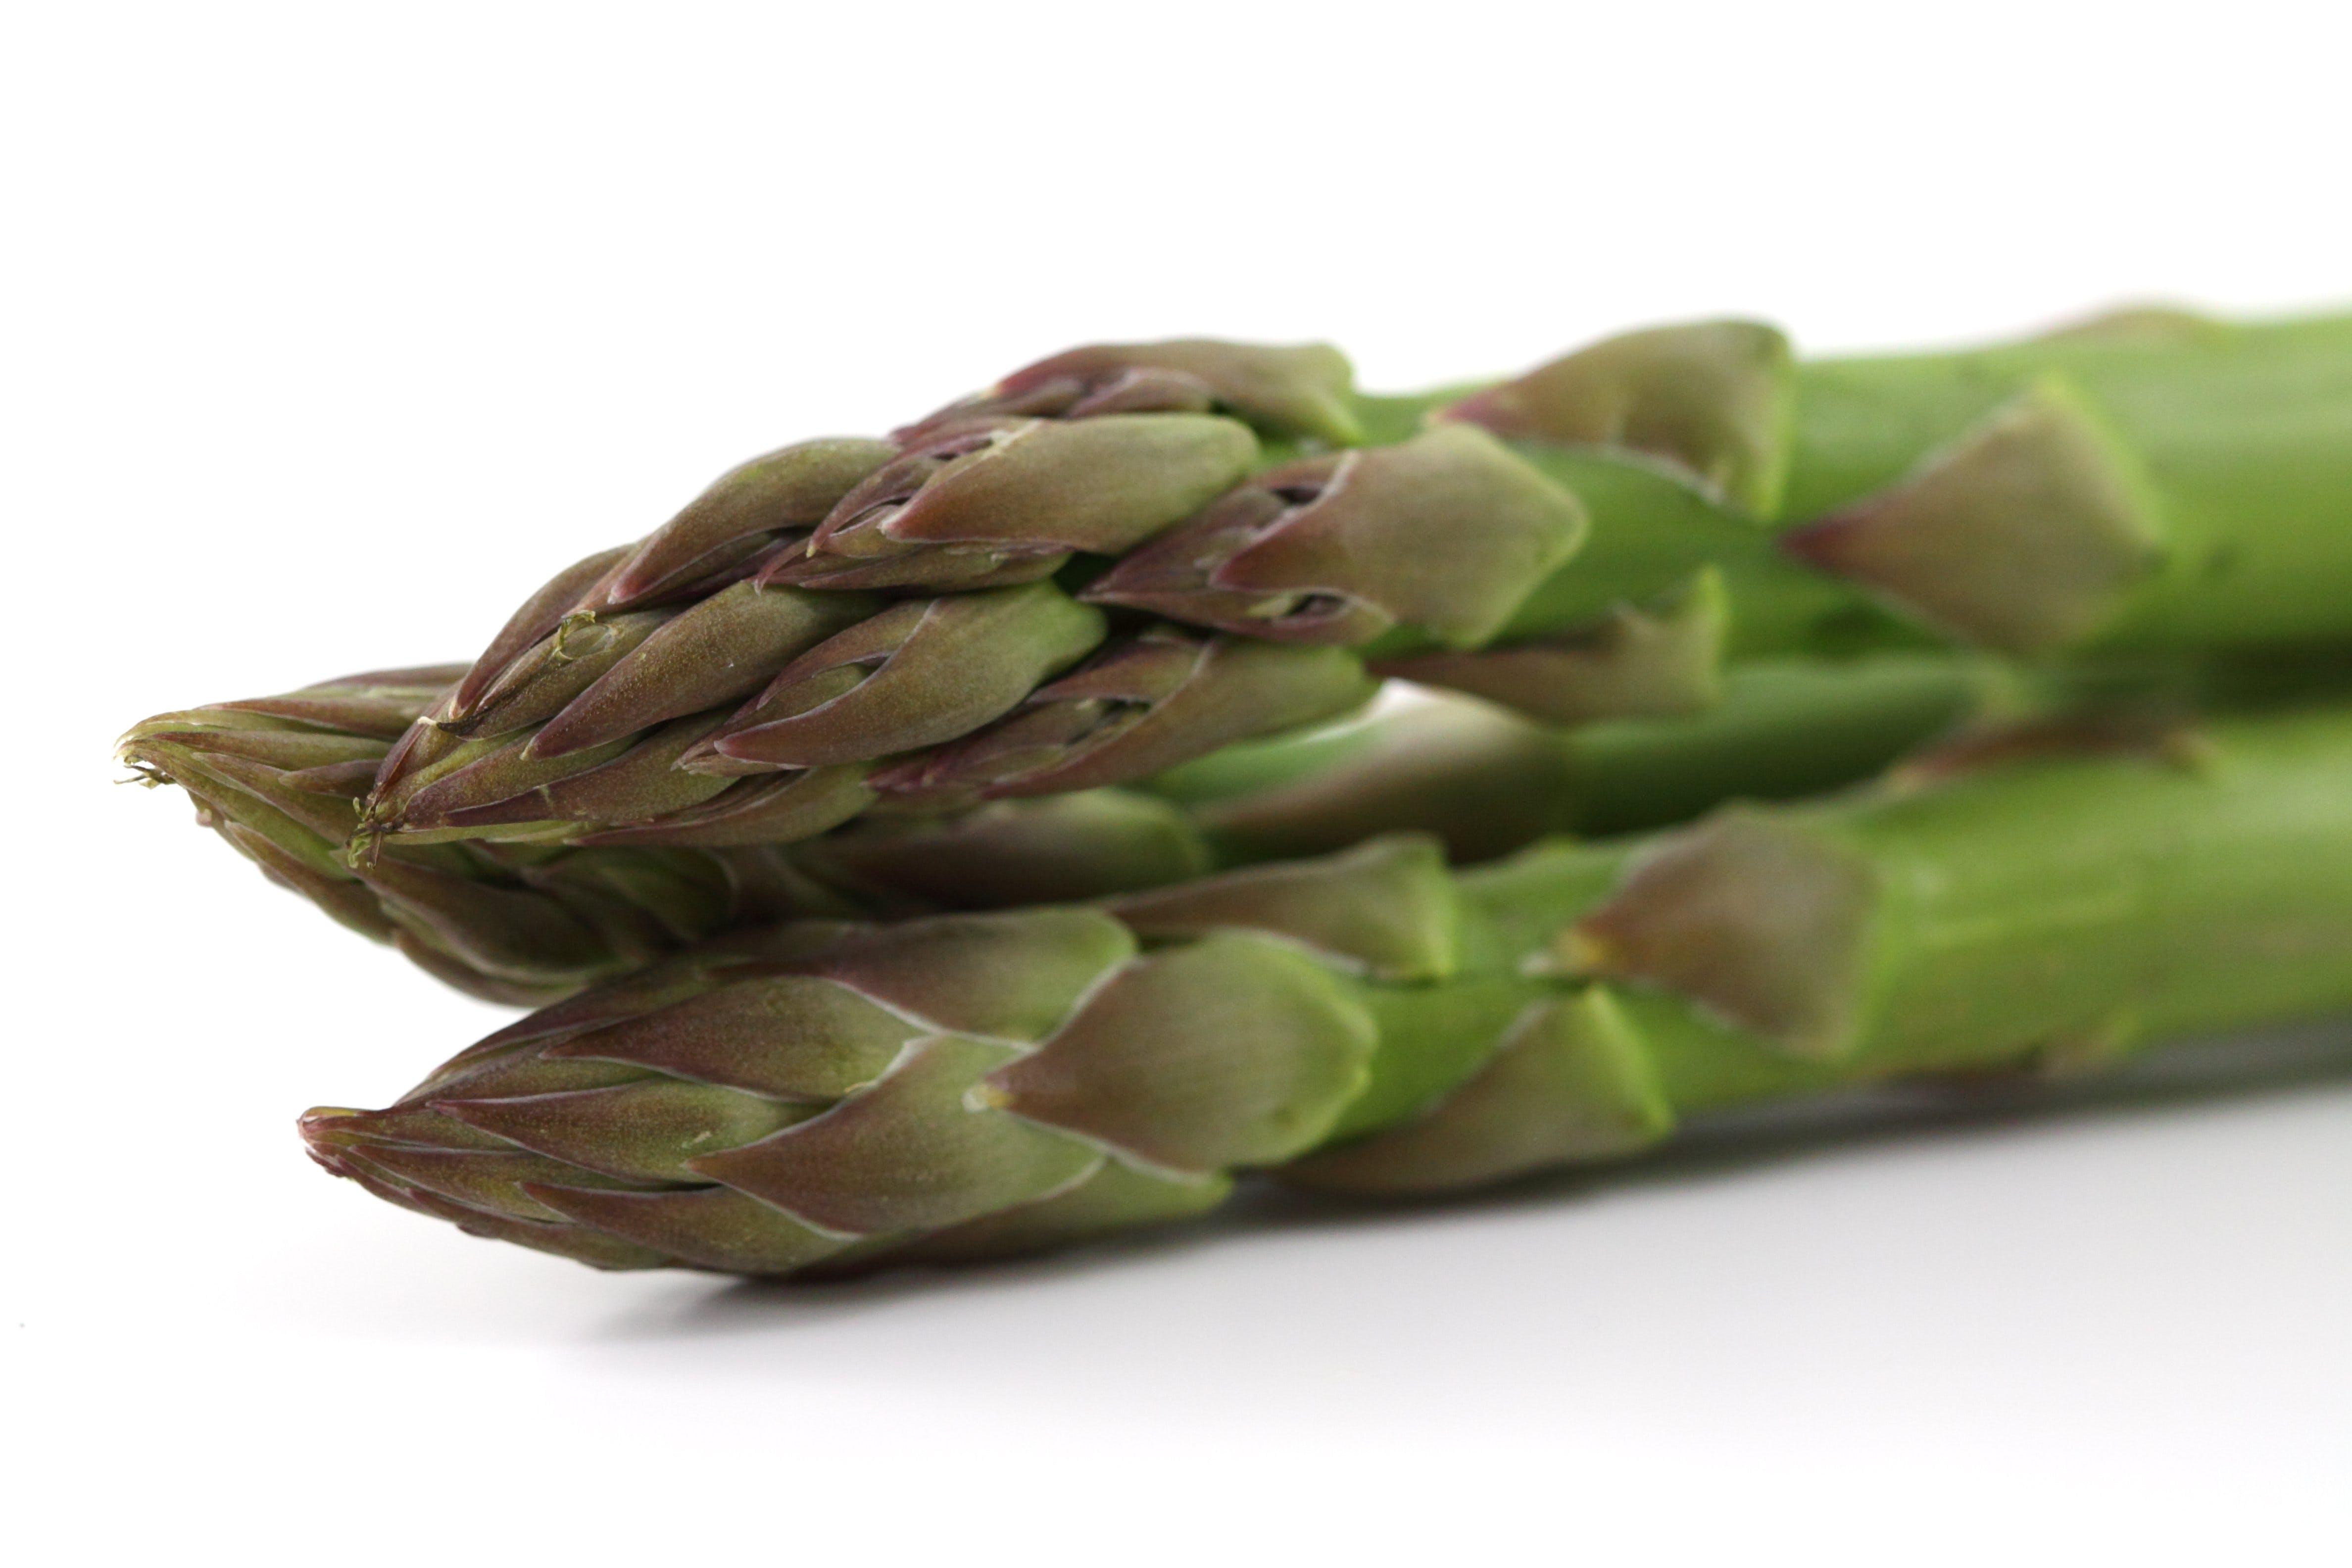 Gratis stockfoto met asperge, close-up, eten, Gezondheid